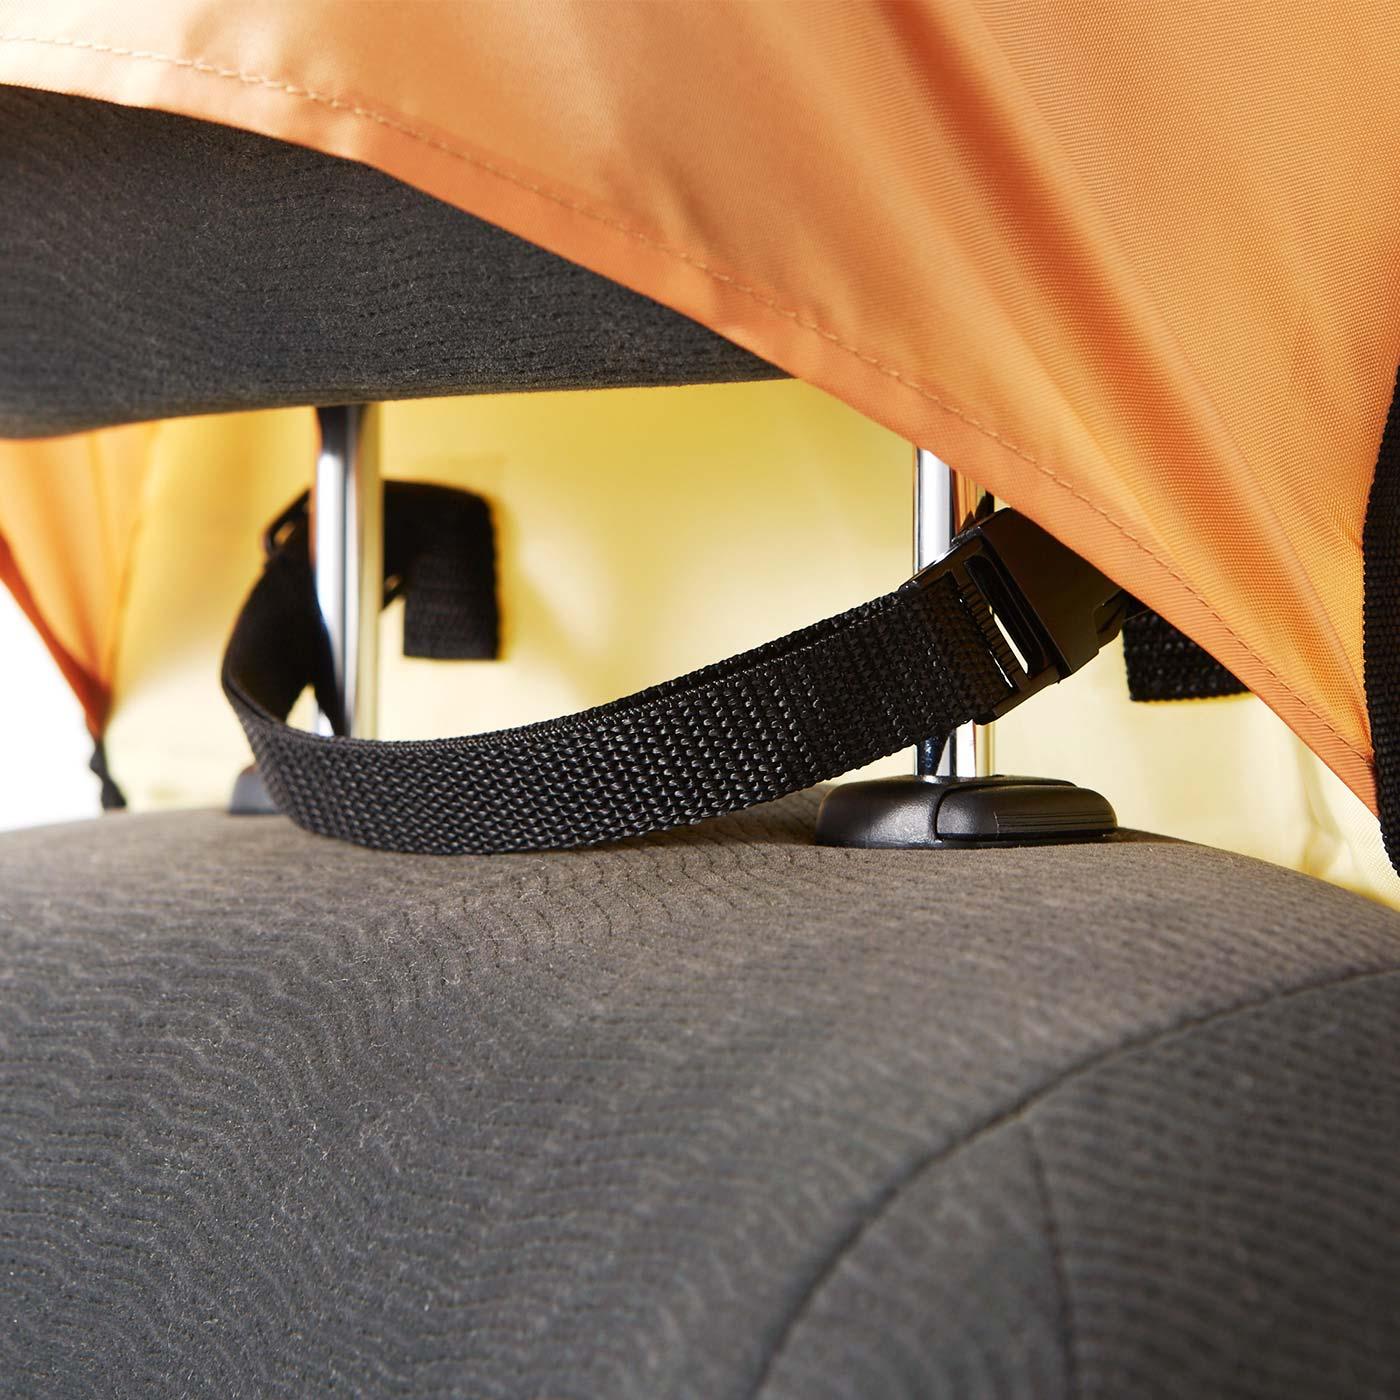 ヘッドレストにかぶせて、ワンタッチで取り付け簡単。